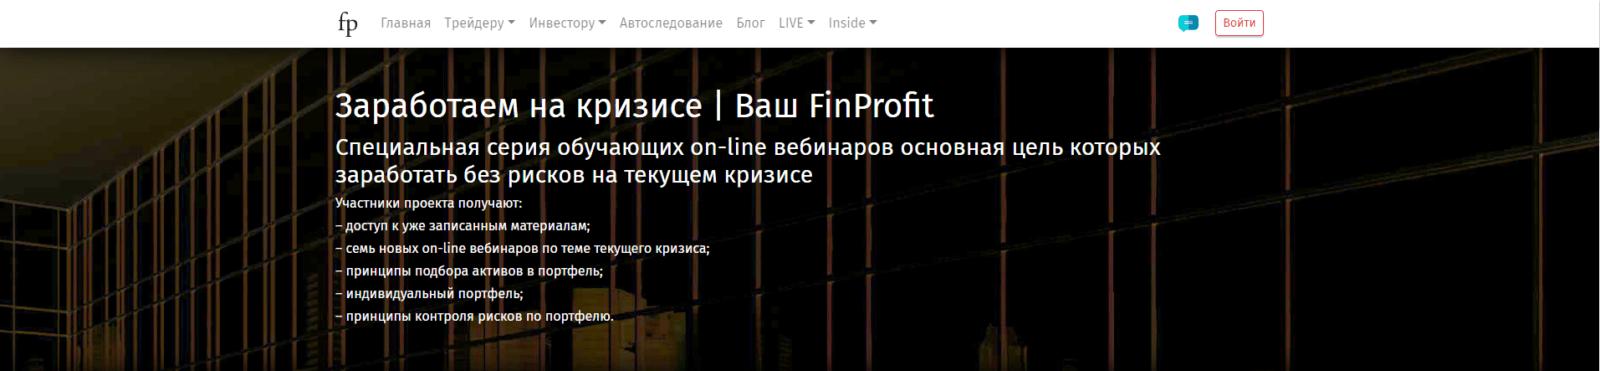 Finprofit.clubтрейдеру